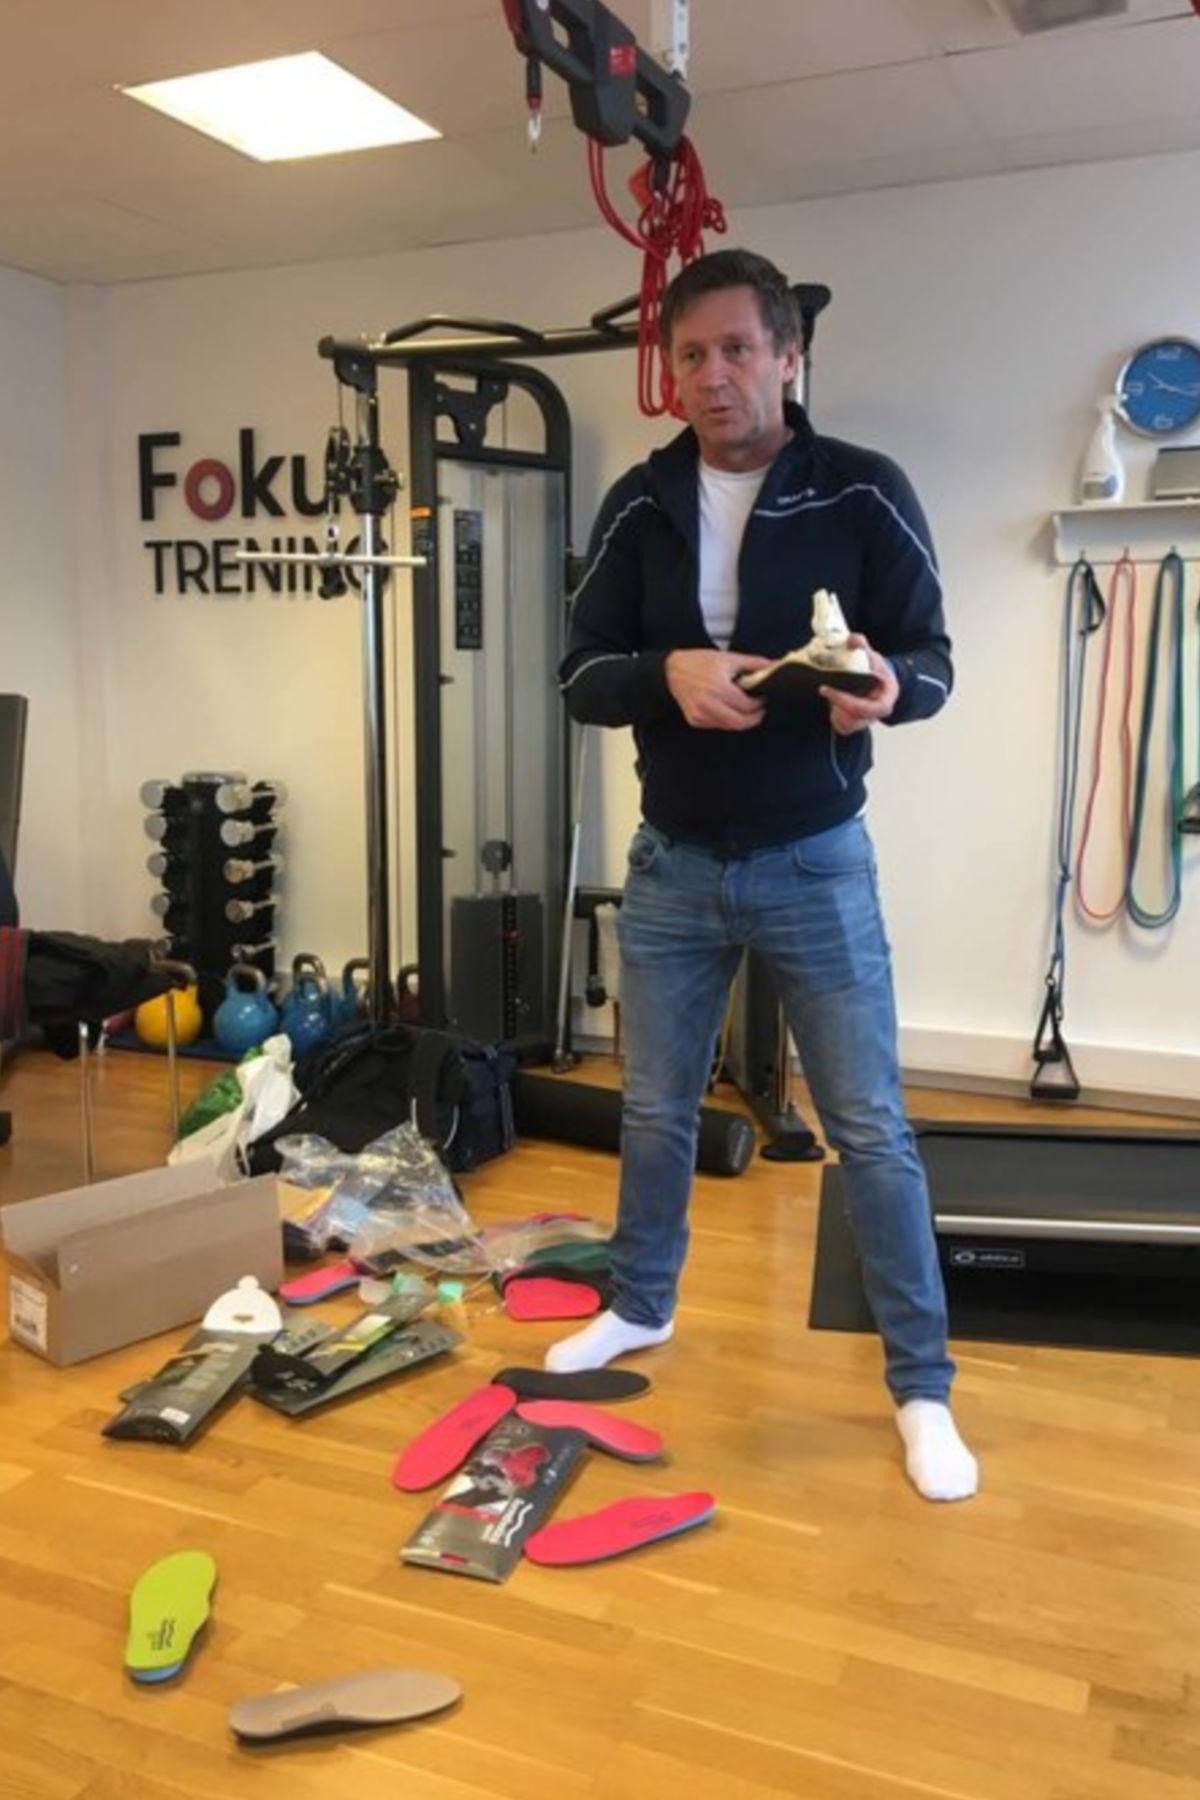 ebddf8ed Dag Grindheim i Alfacare leverer såler til Fokusklinikken. Her viser han  forskjellige såletyper til de